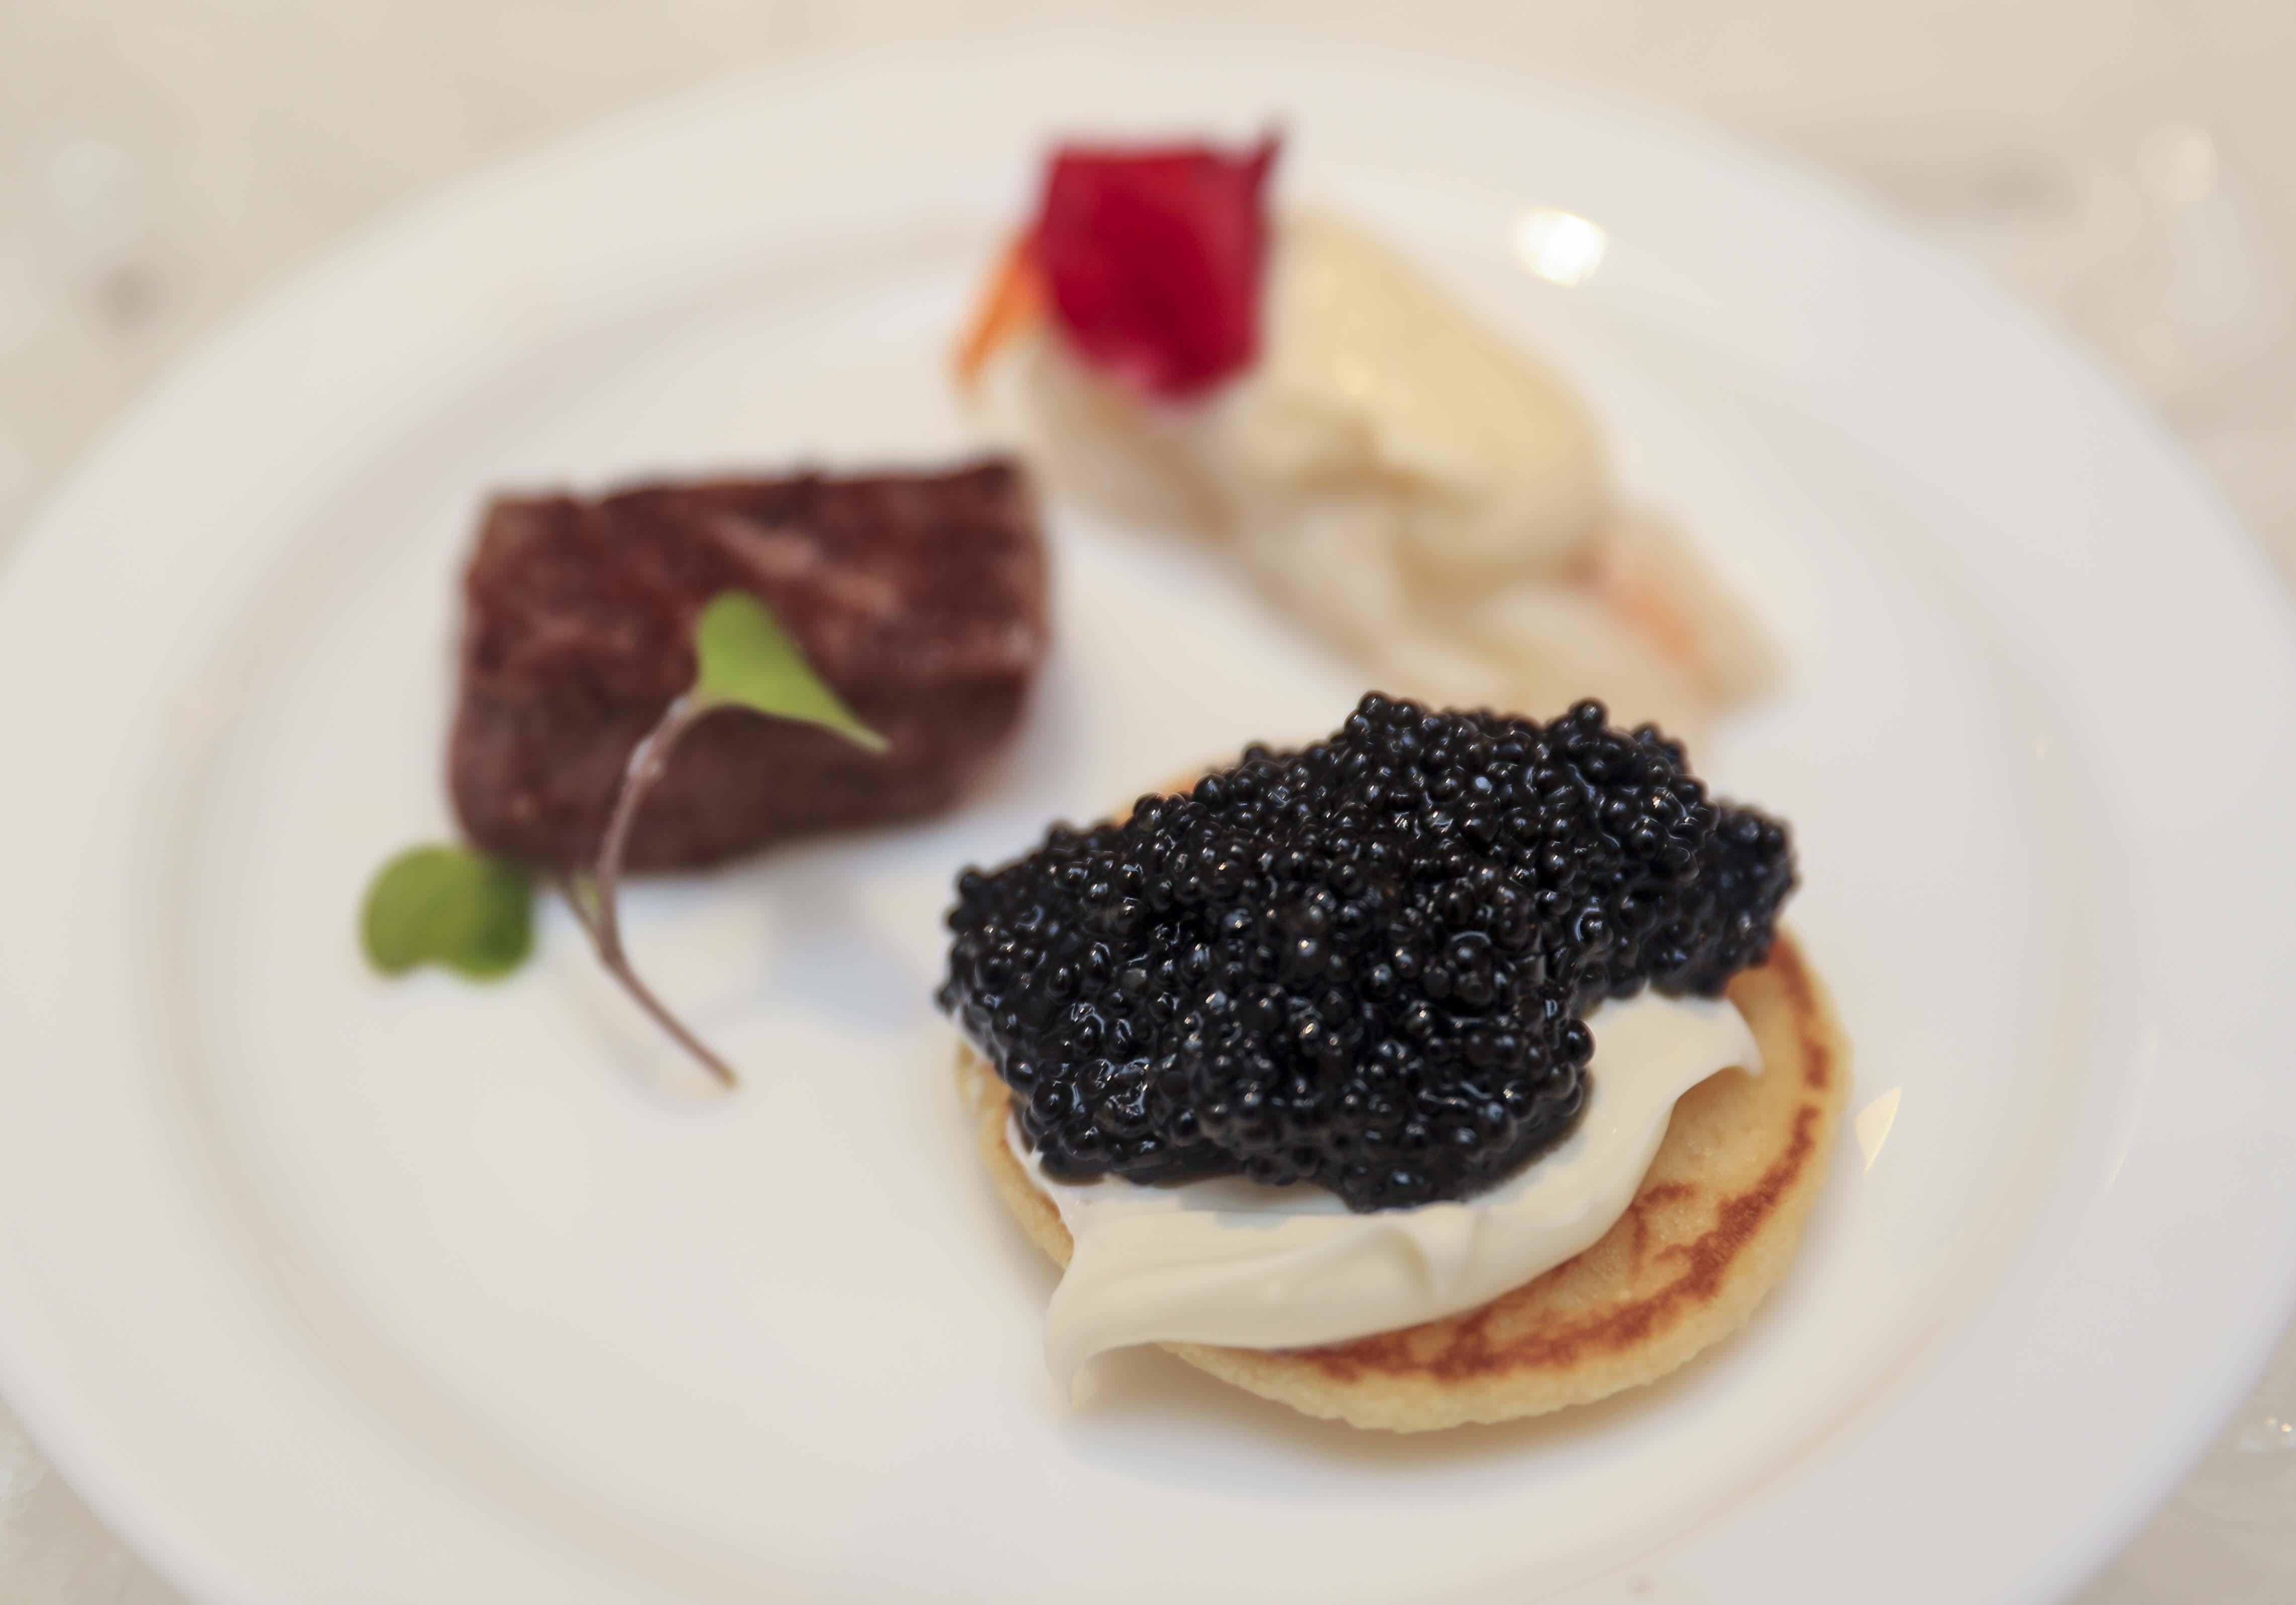 Detalle de los aperitivos servidos a los comensales. (Wanda Liz Vega)